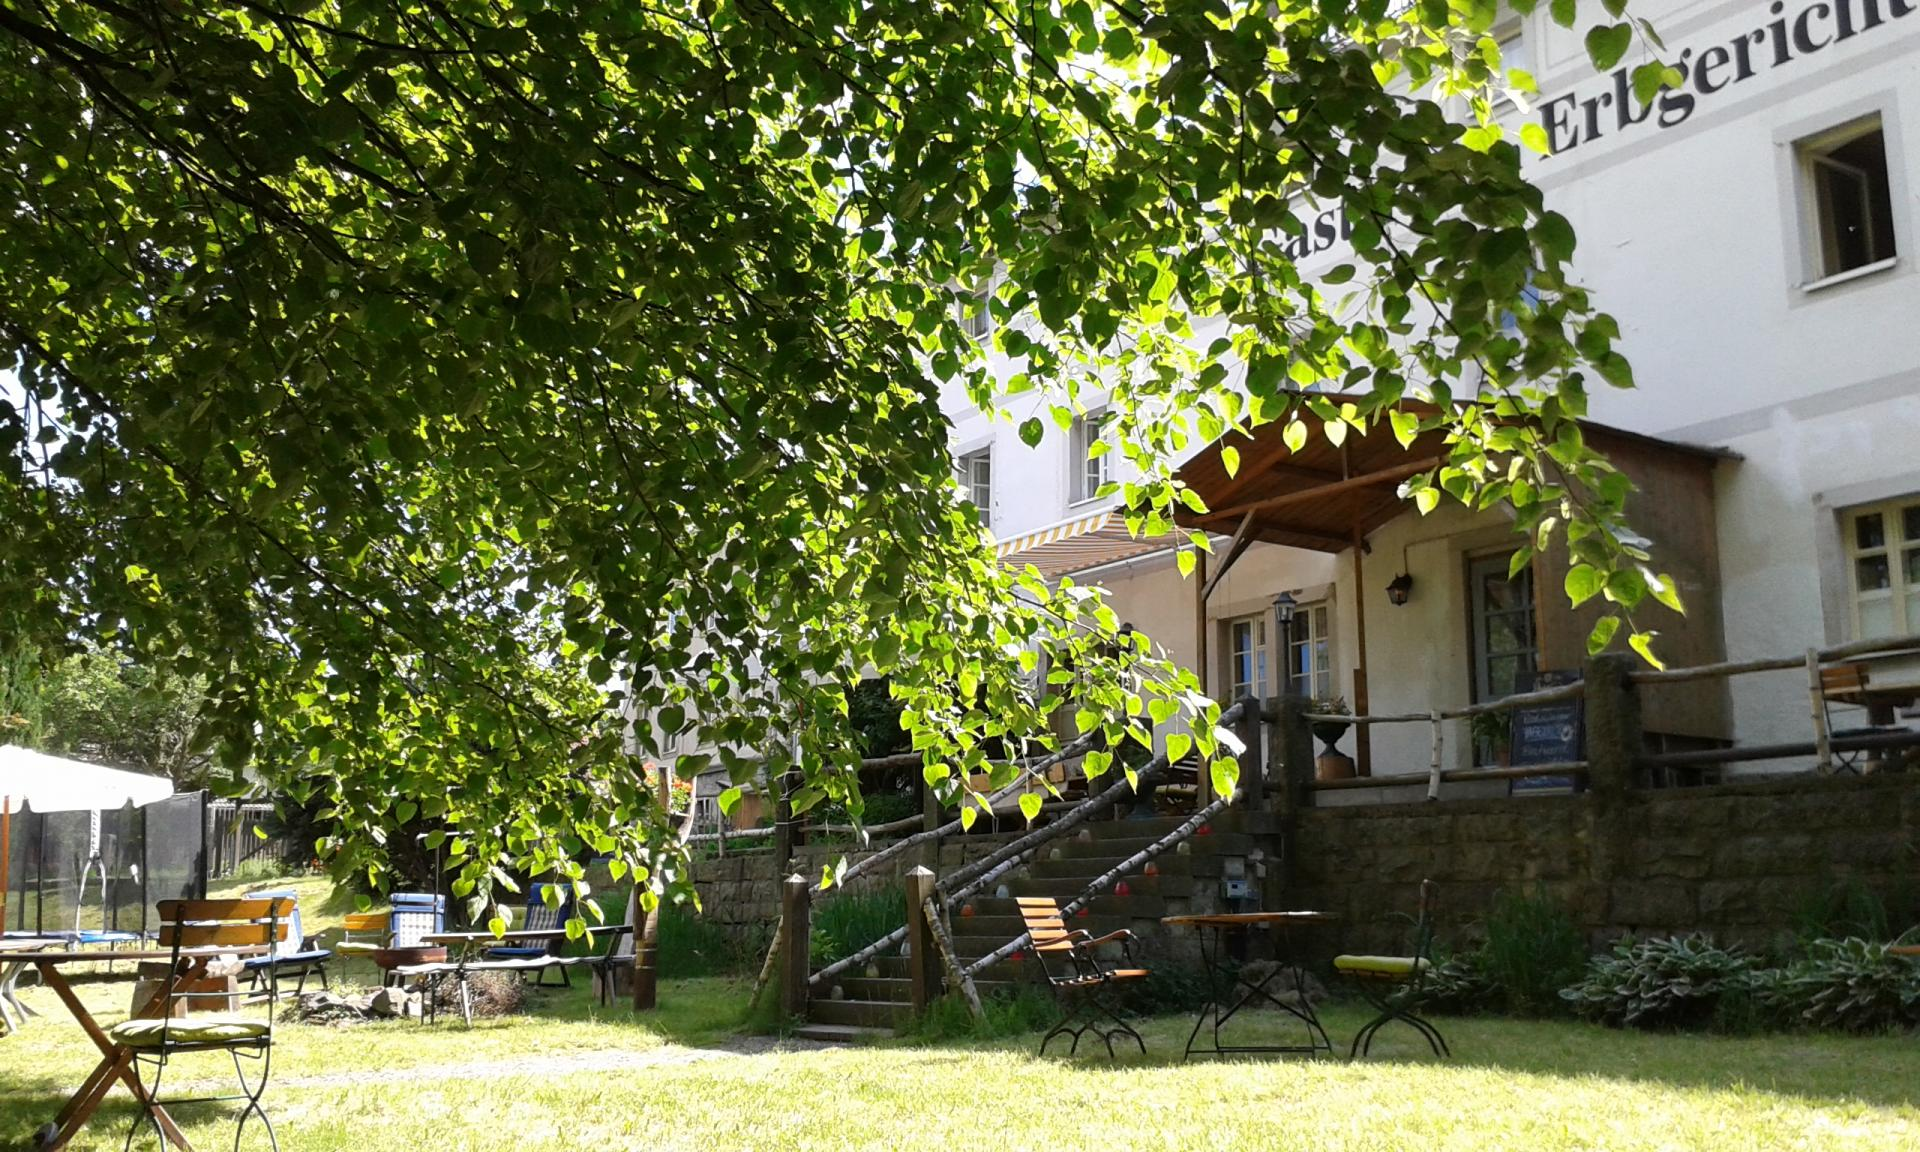 Garten Erbgericht Rosenthal